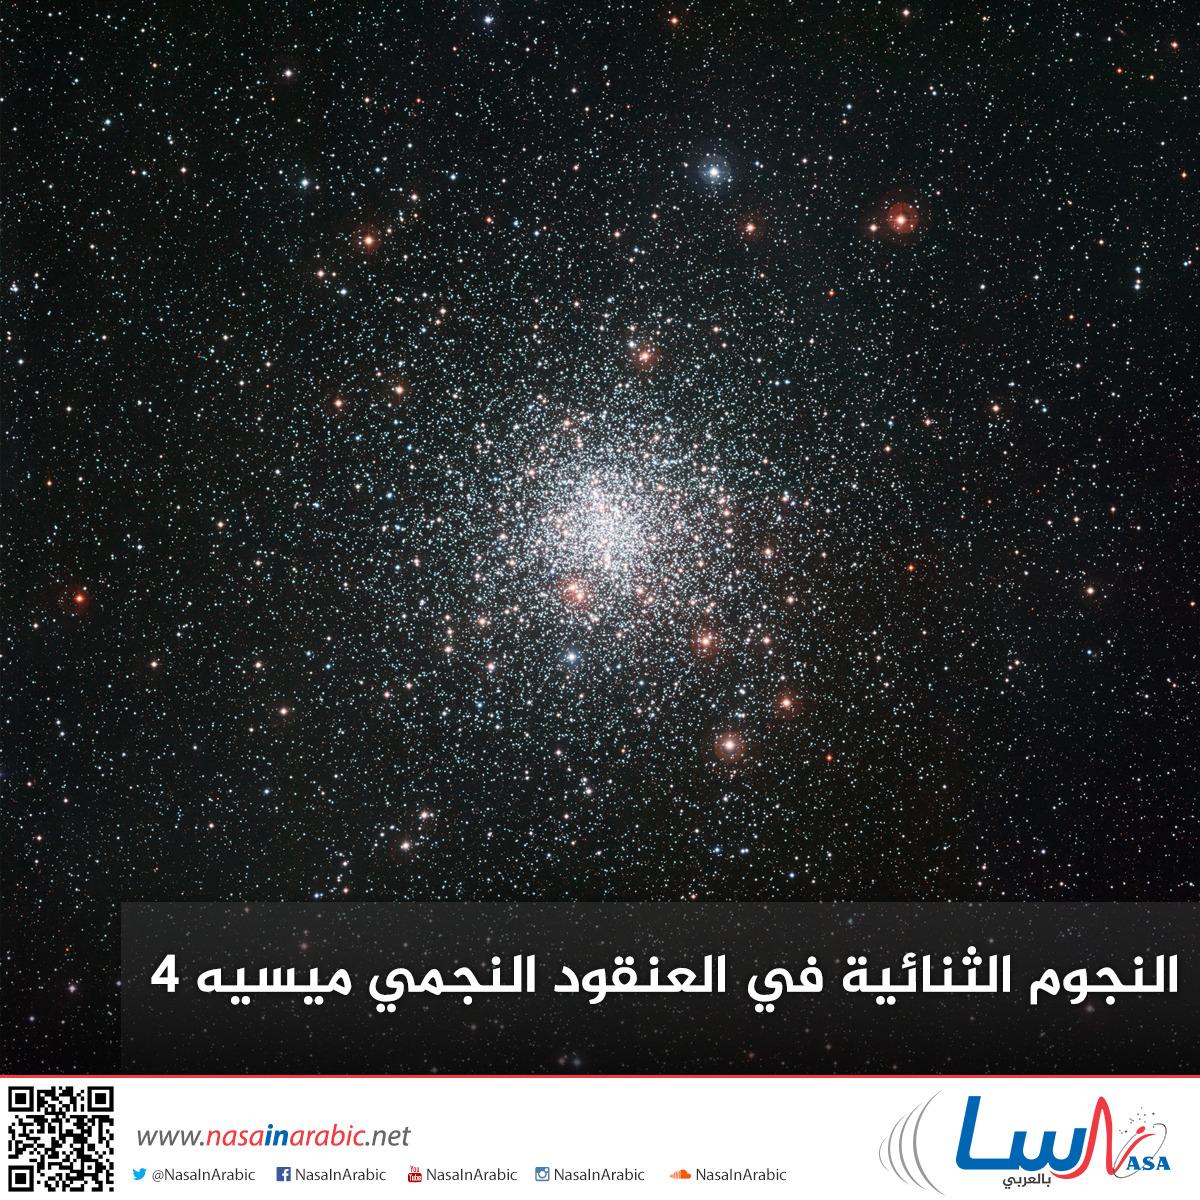 النجوم الثنائية في العنقود النجمي ميسيه 4